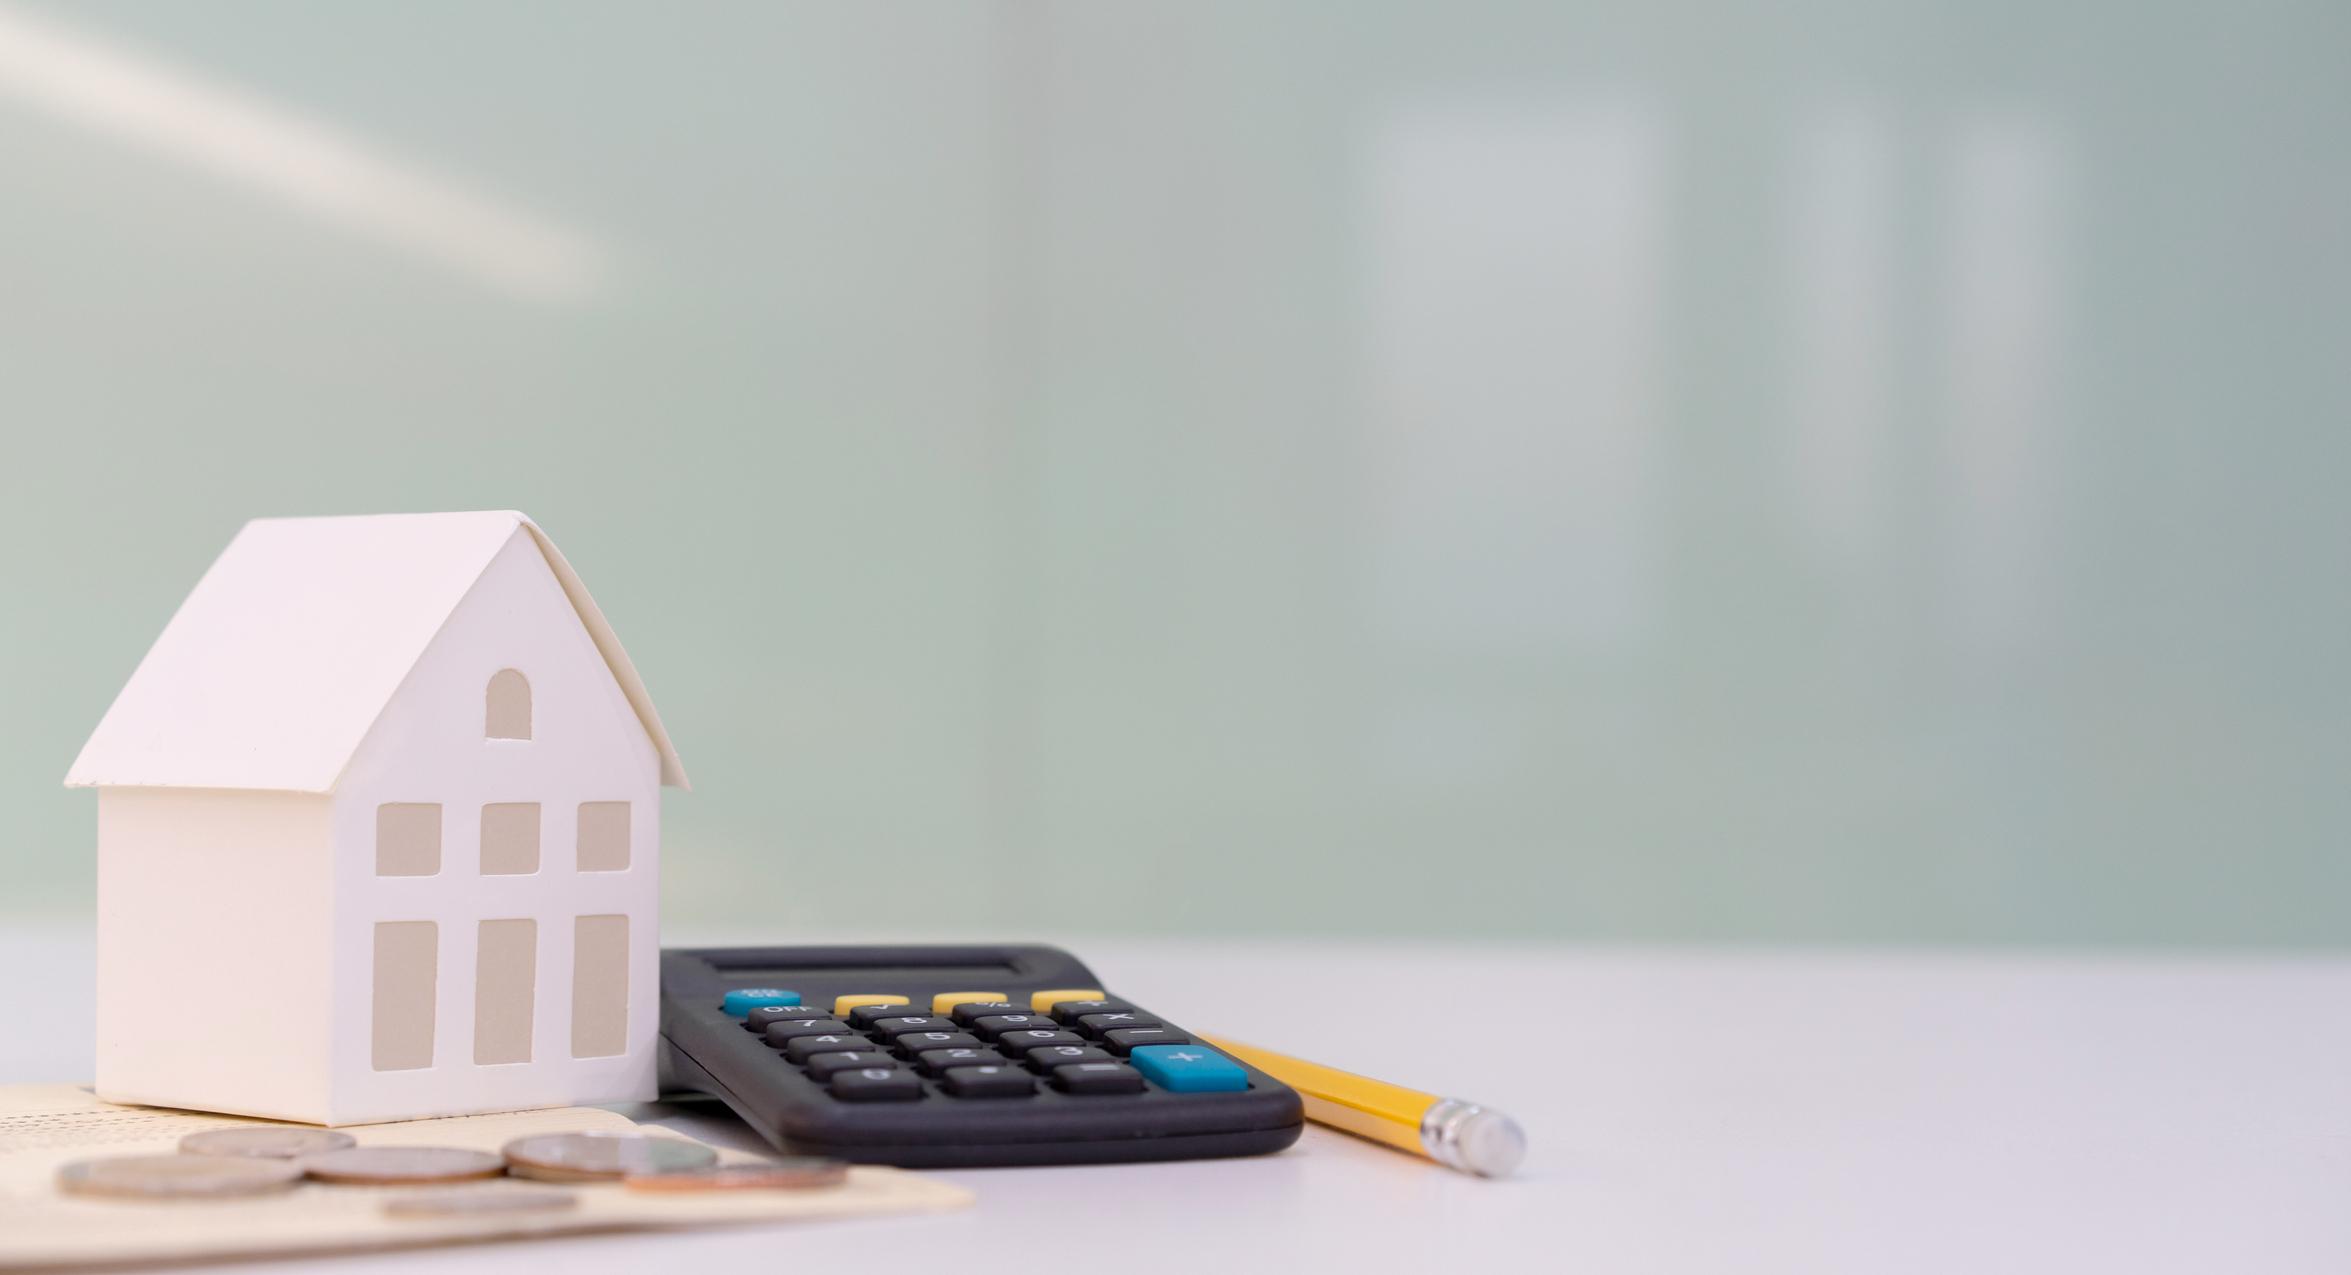 Immobilie verkaufen: Wertermittlung